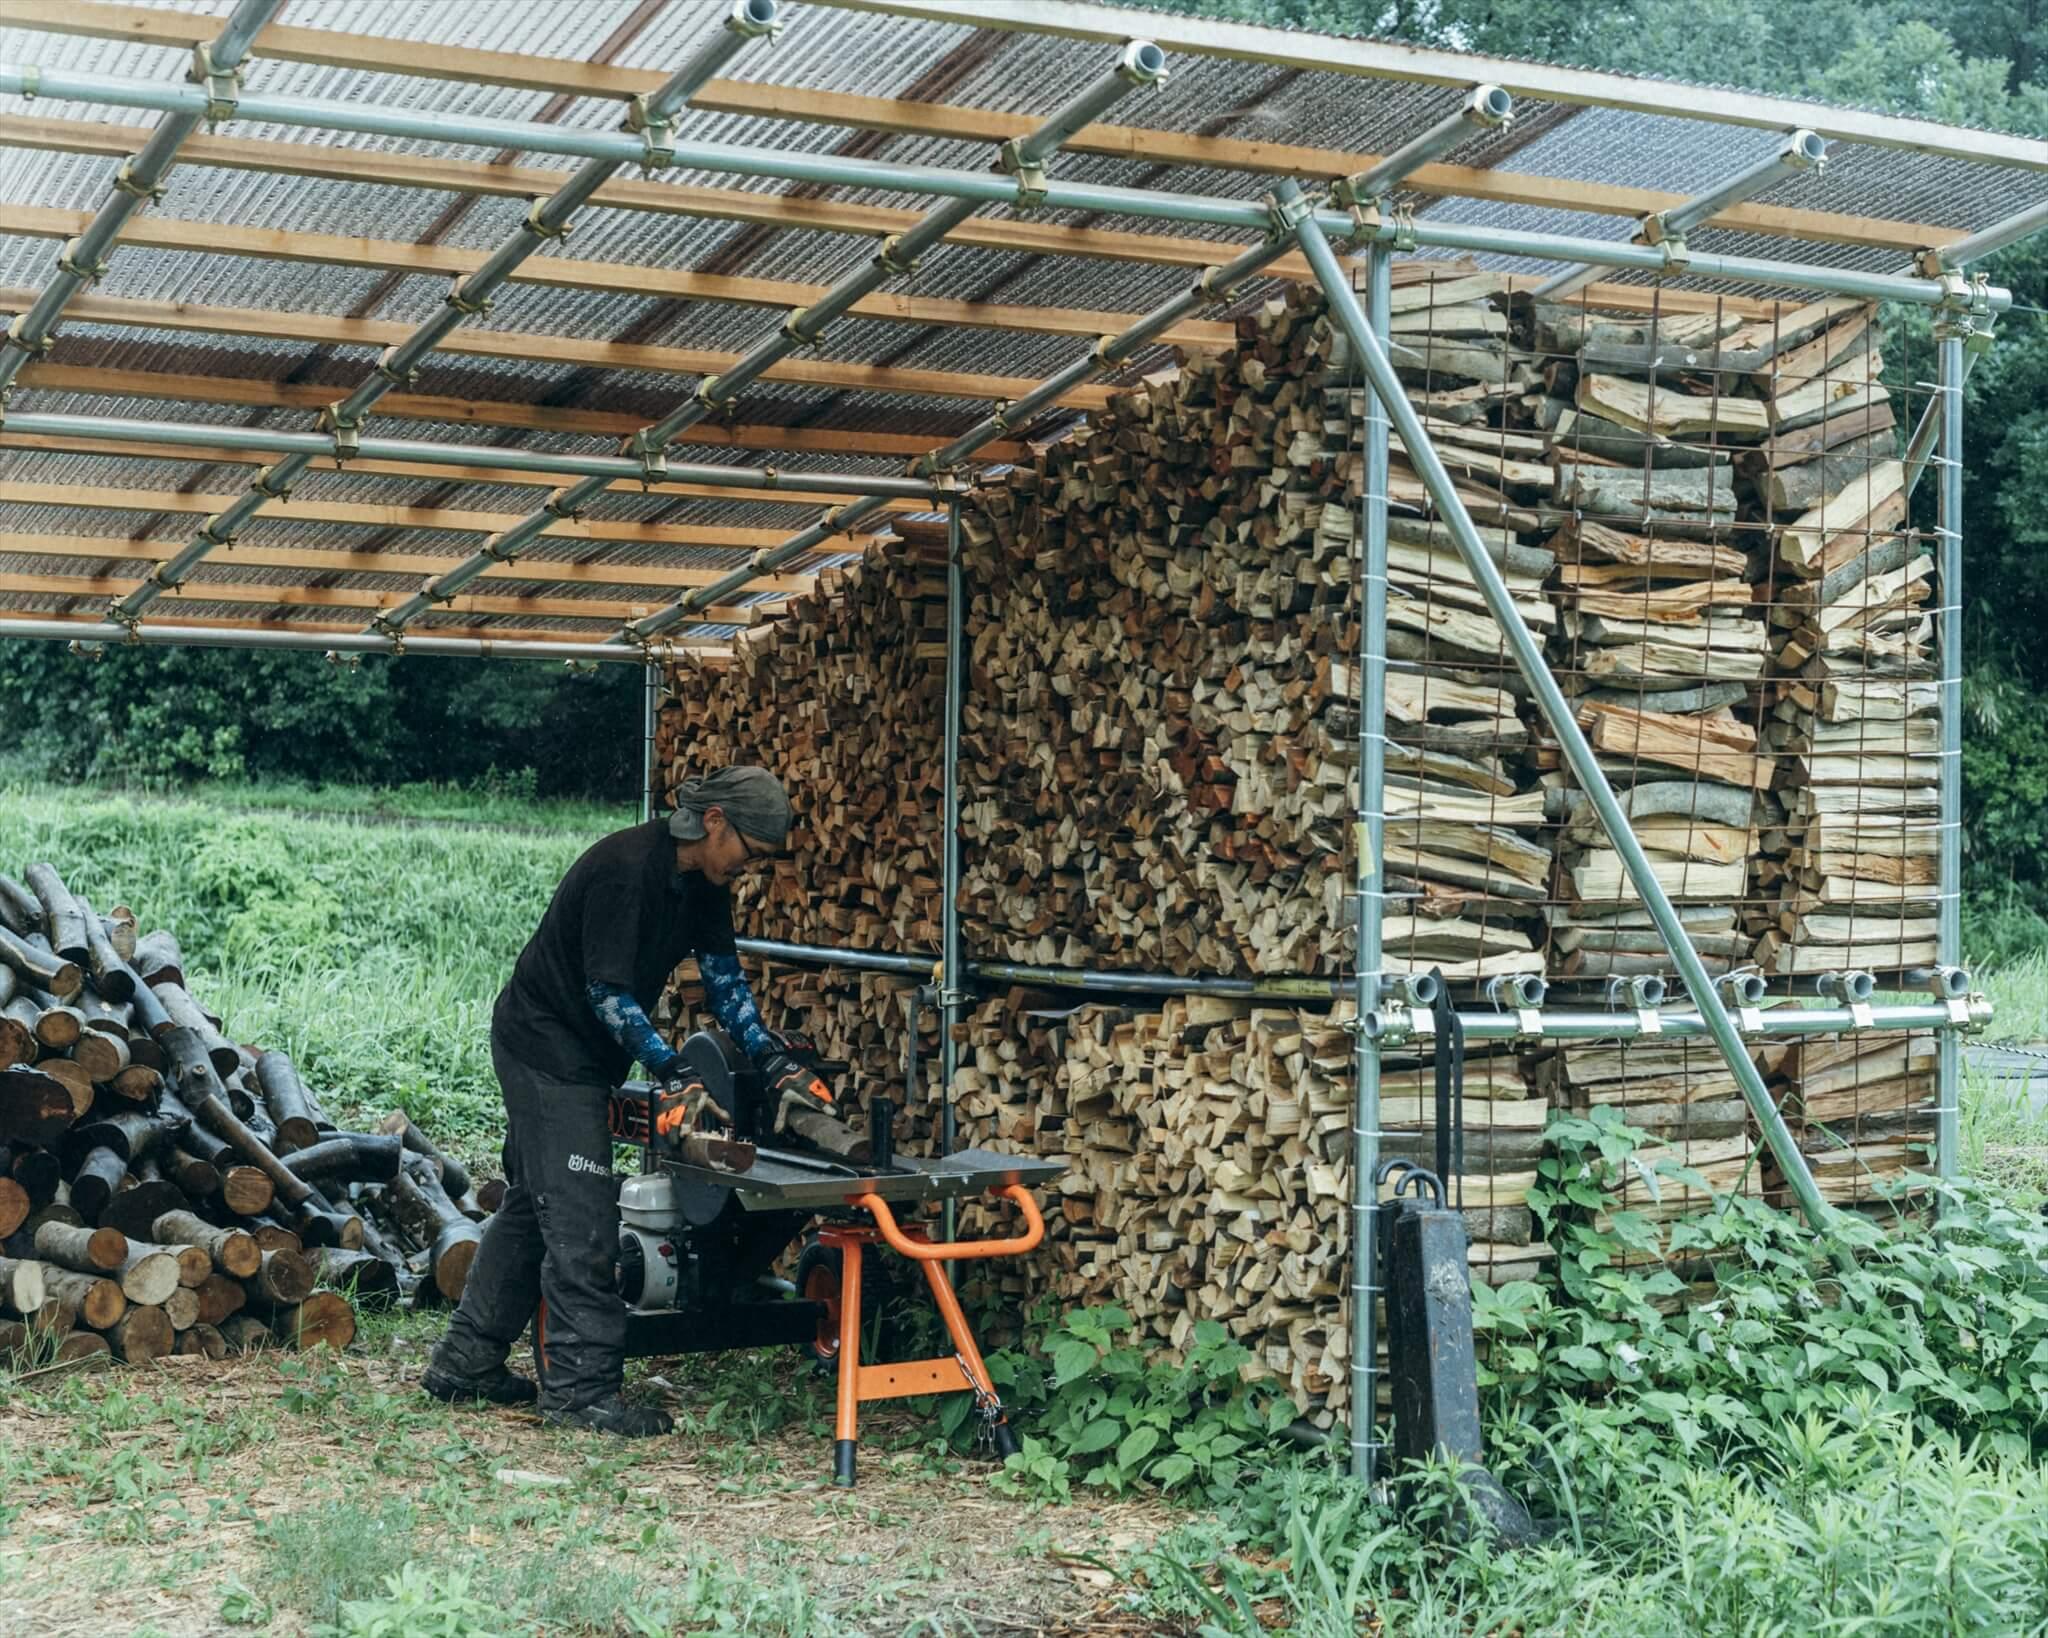 自作の薪棚。山でとれた木をここで割って保管。